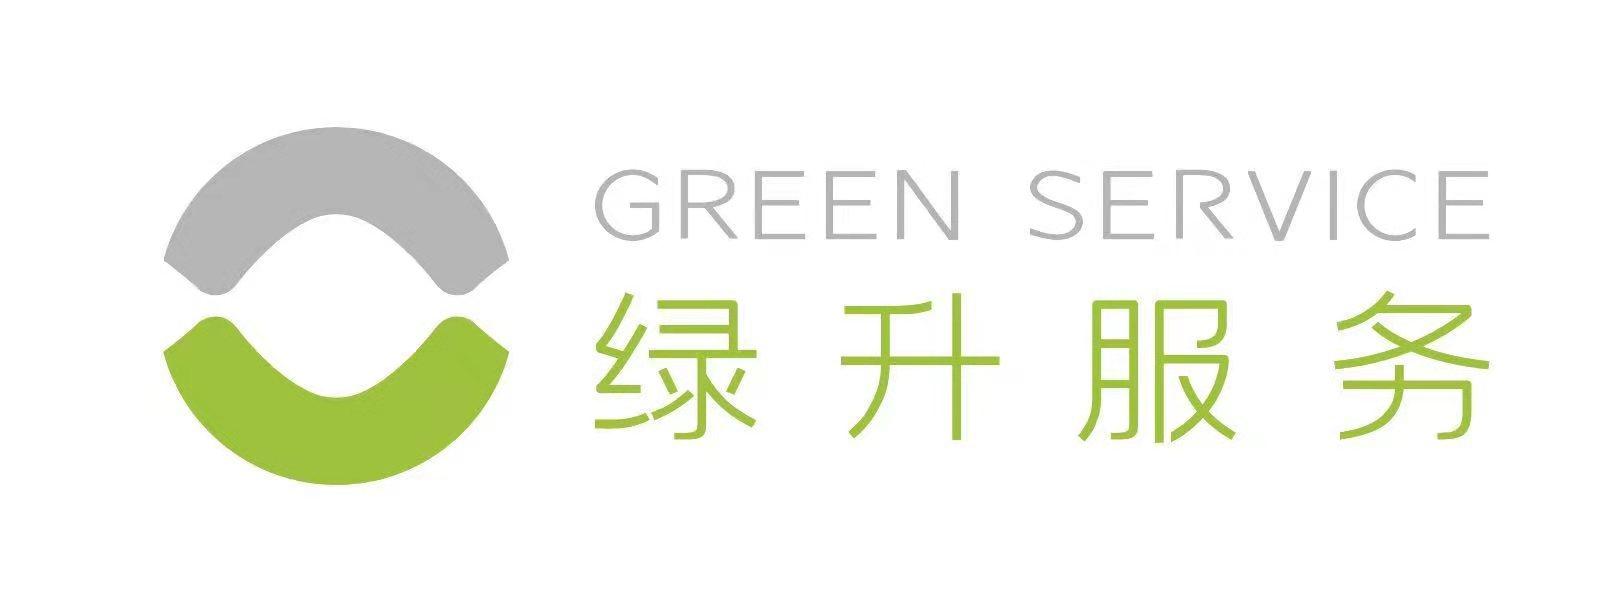 浙江绿升物业服务有限公司涿州分公司